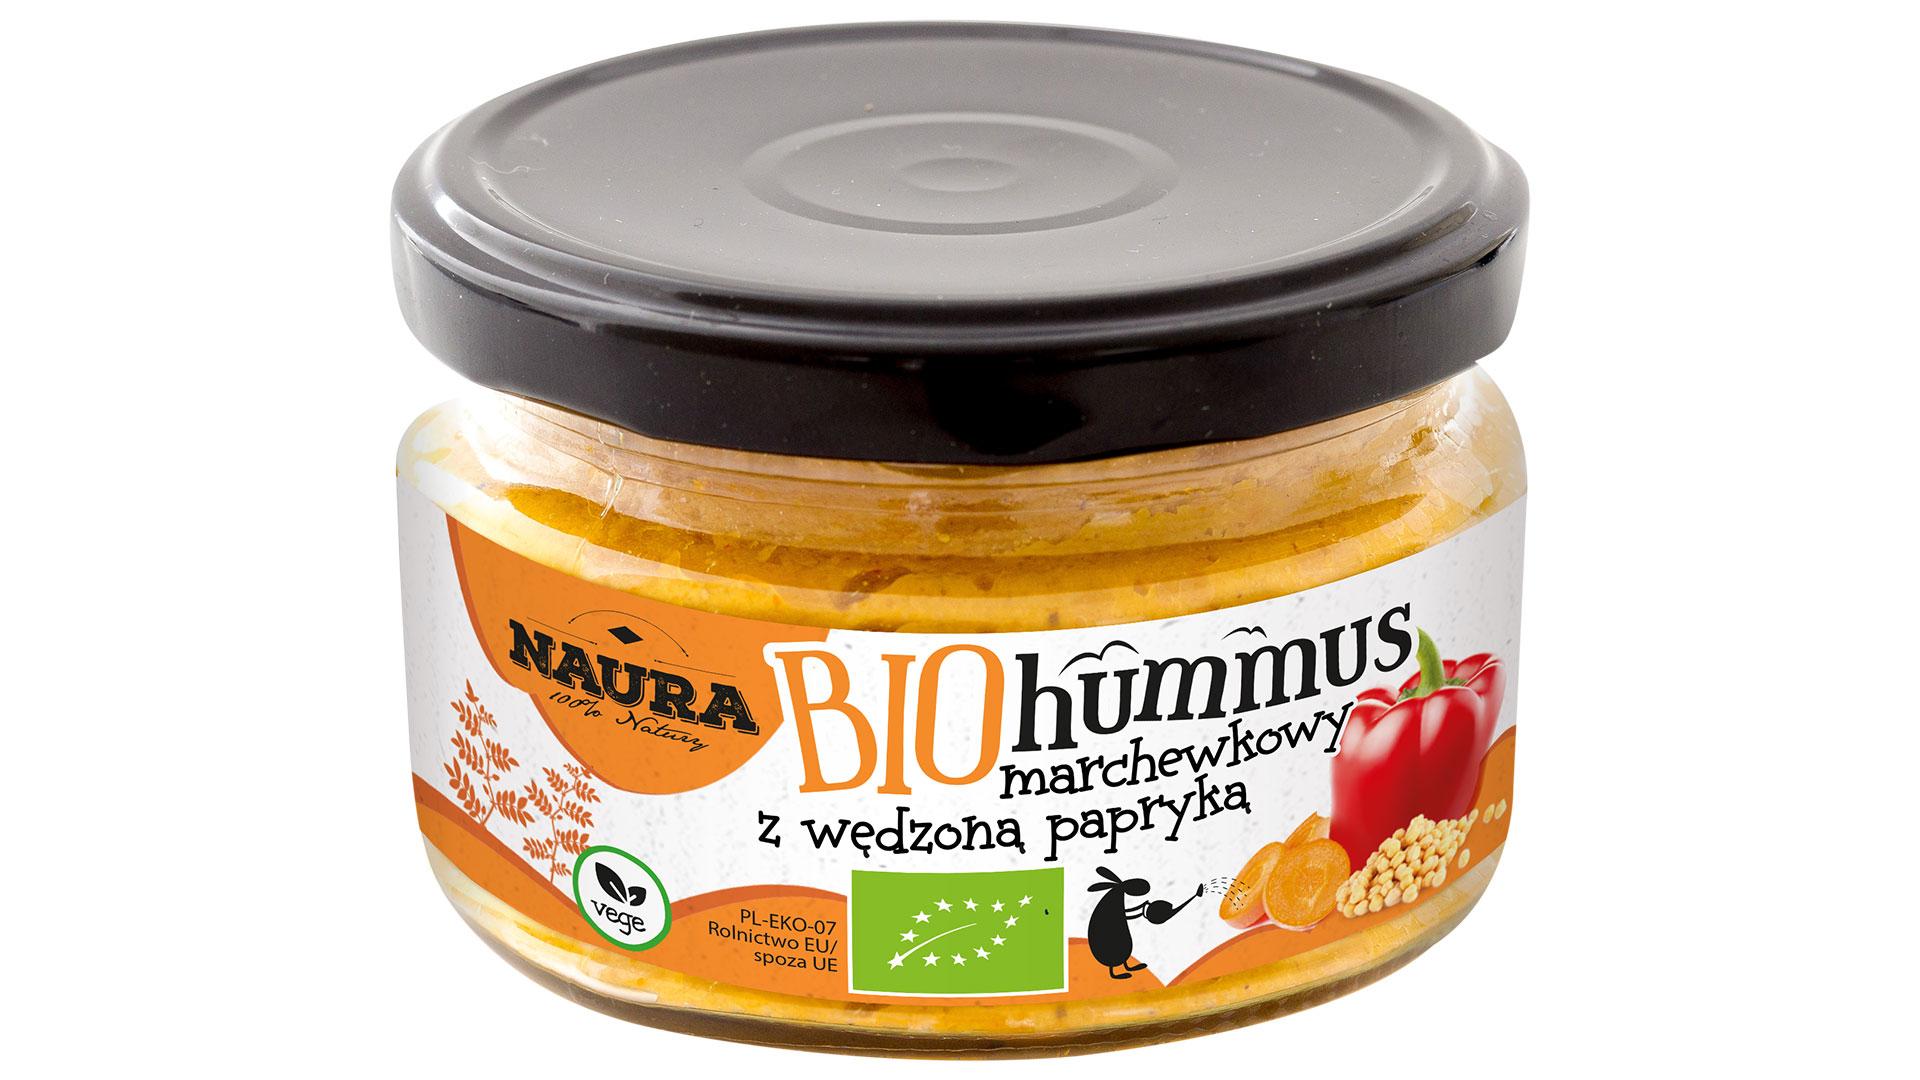 Naura_BIO_Hummus_marchewkowy_z_wedzona_papryka_WIZ_1920_x_1080jpg